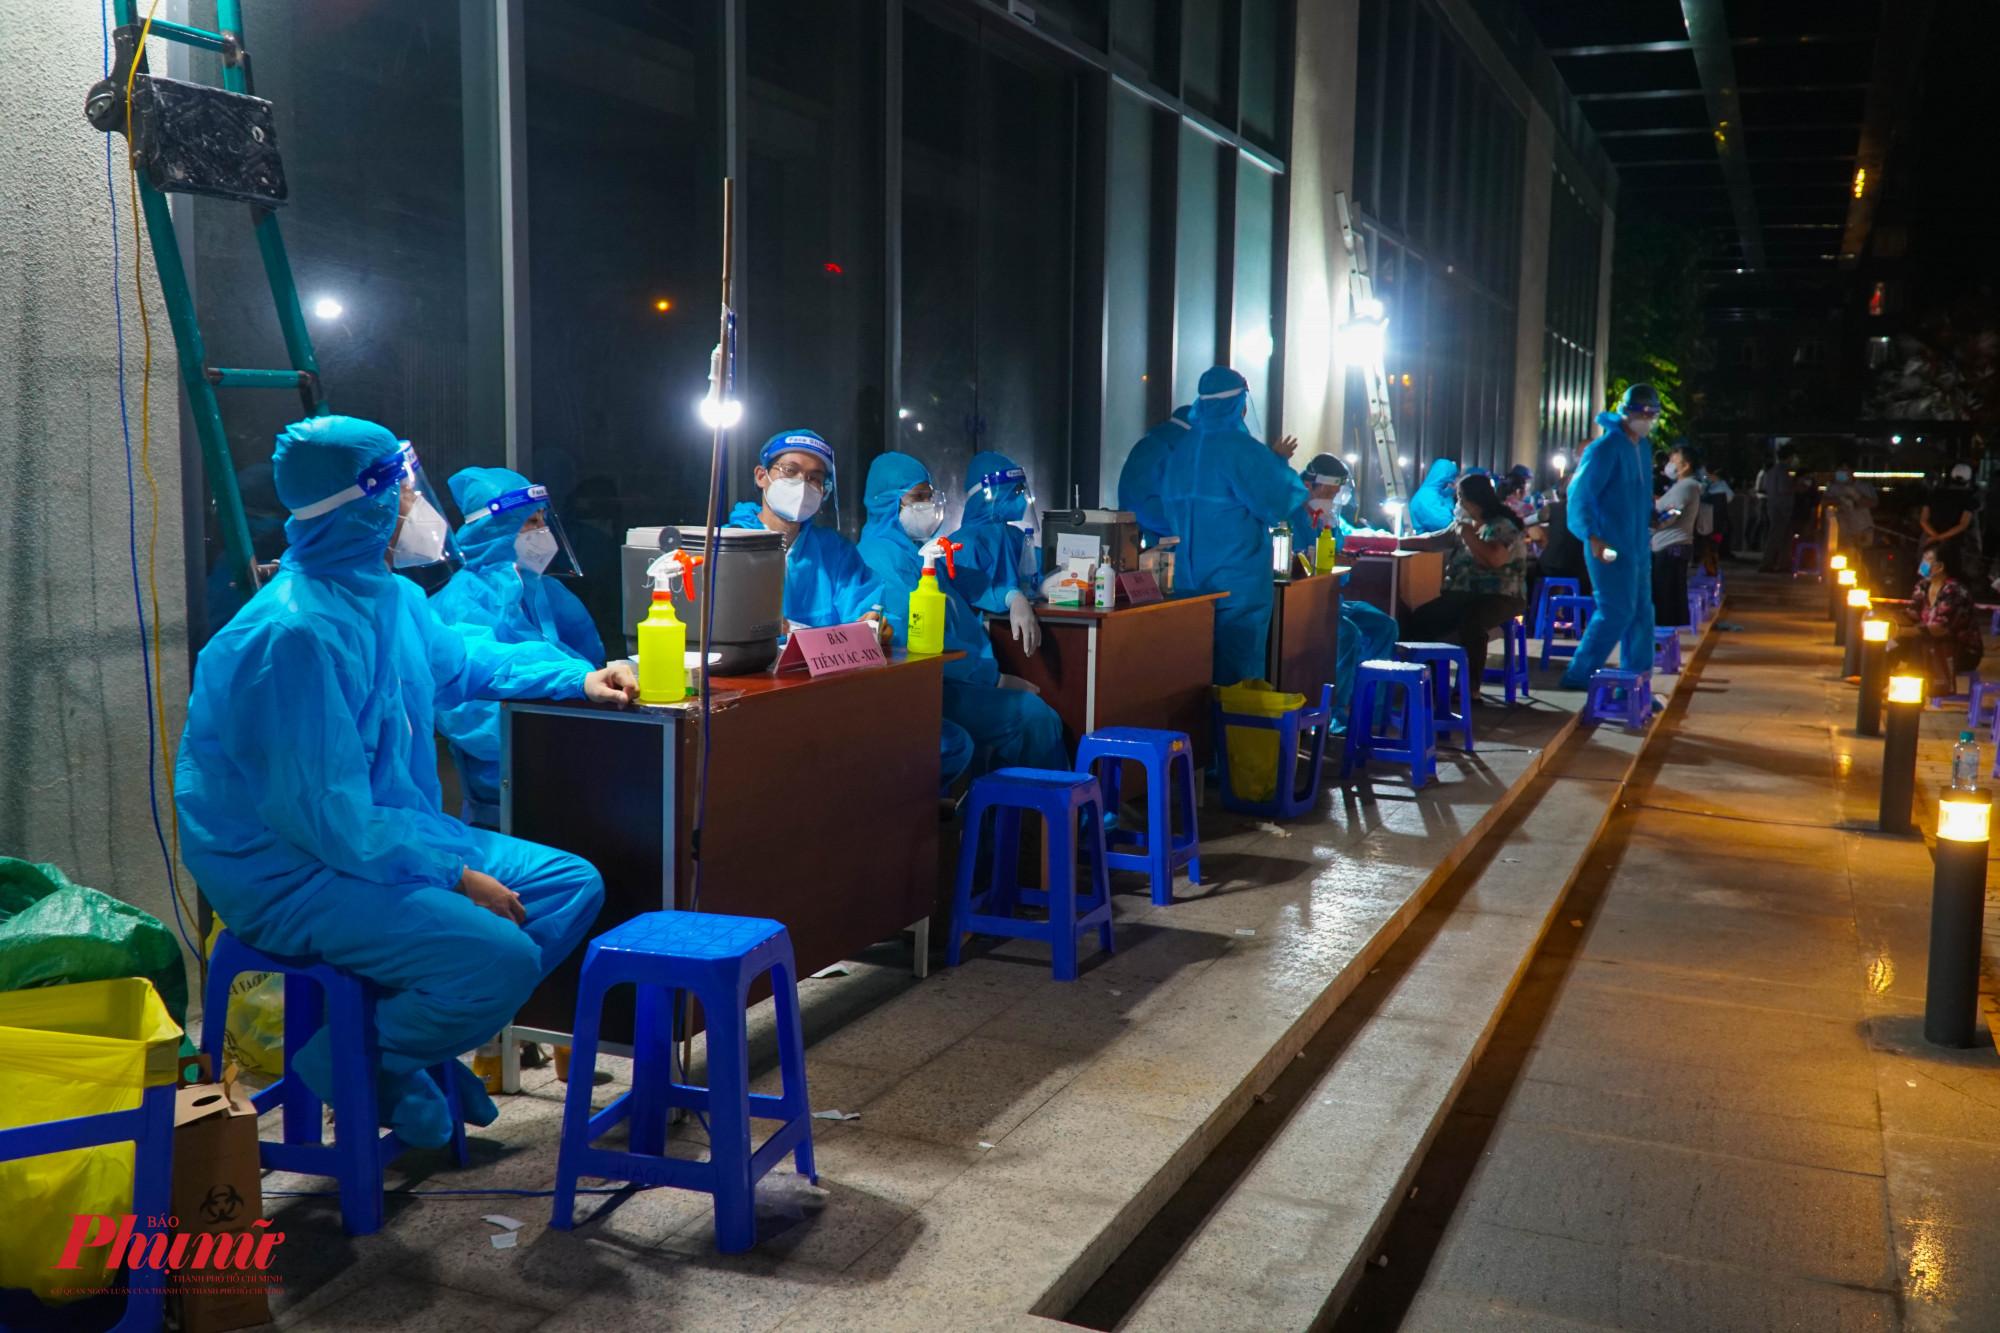 Chung cư Giai Việt là điểm tiêm tăng cường trên địa bàn Quận hoạt động từ 18g đến khoảng 23g mỗi ngày